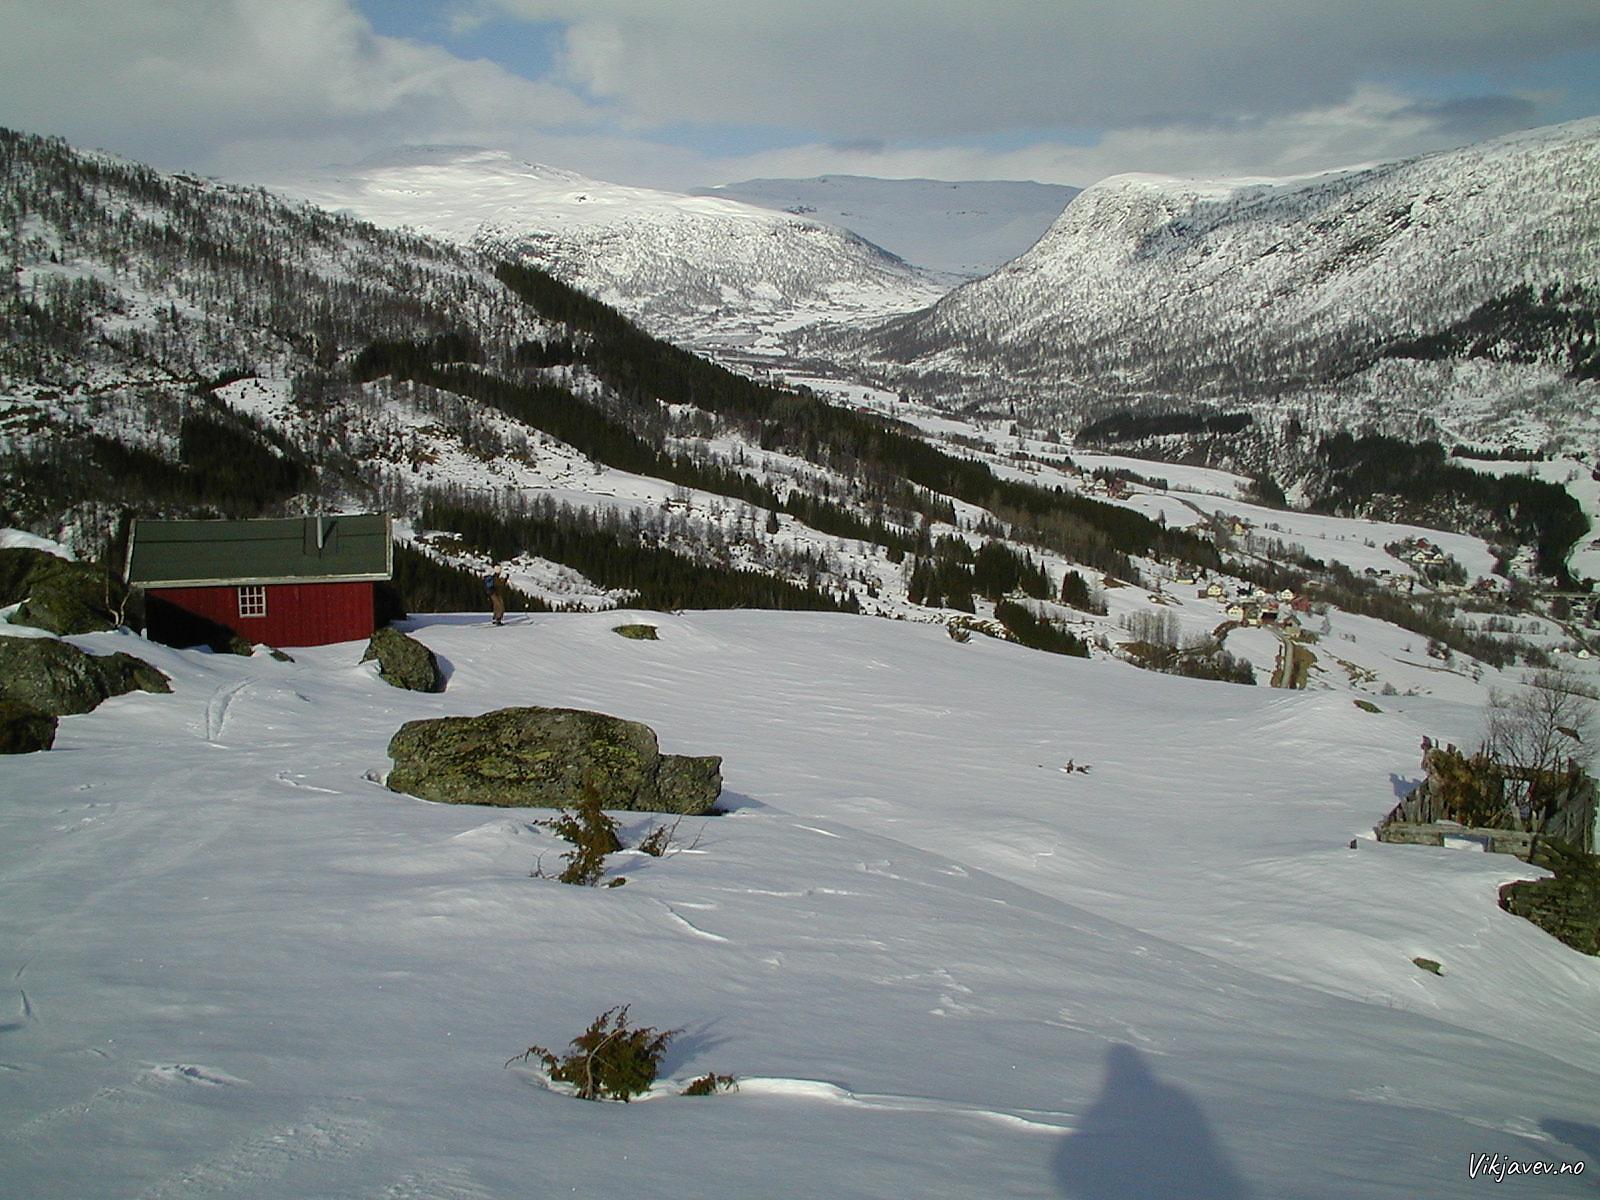 Tveitestølen, Myrkdalen